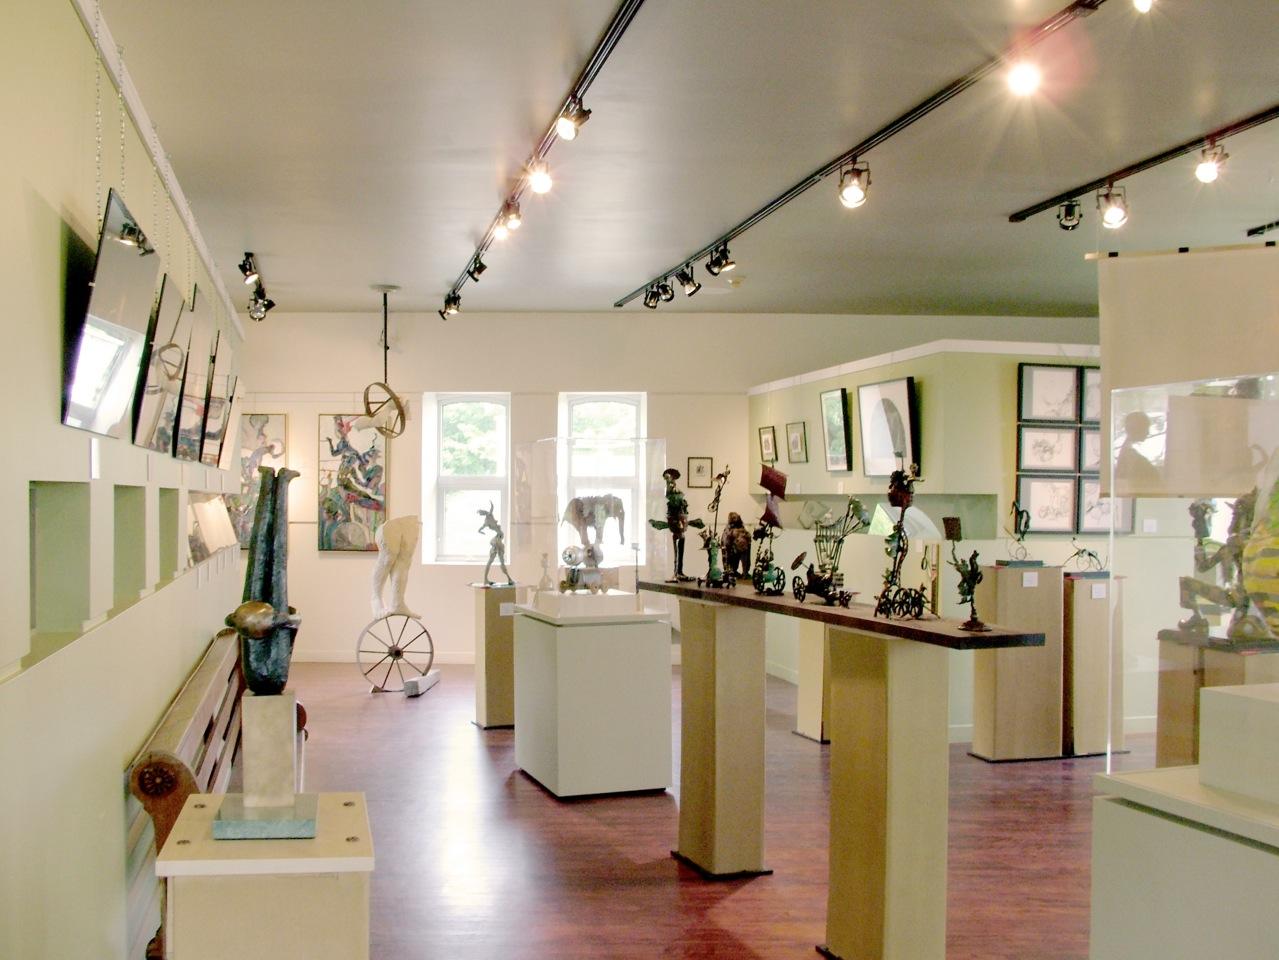 Visite de groupe au Musée du bronze d'Inverness dans L'Érable